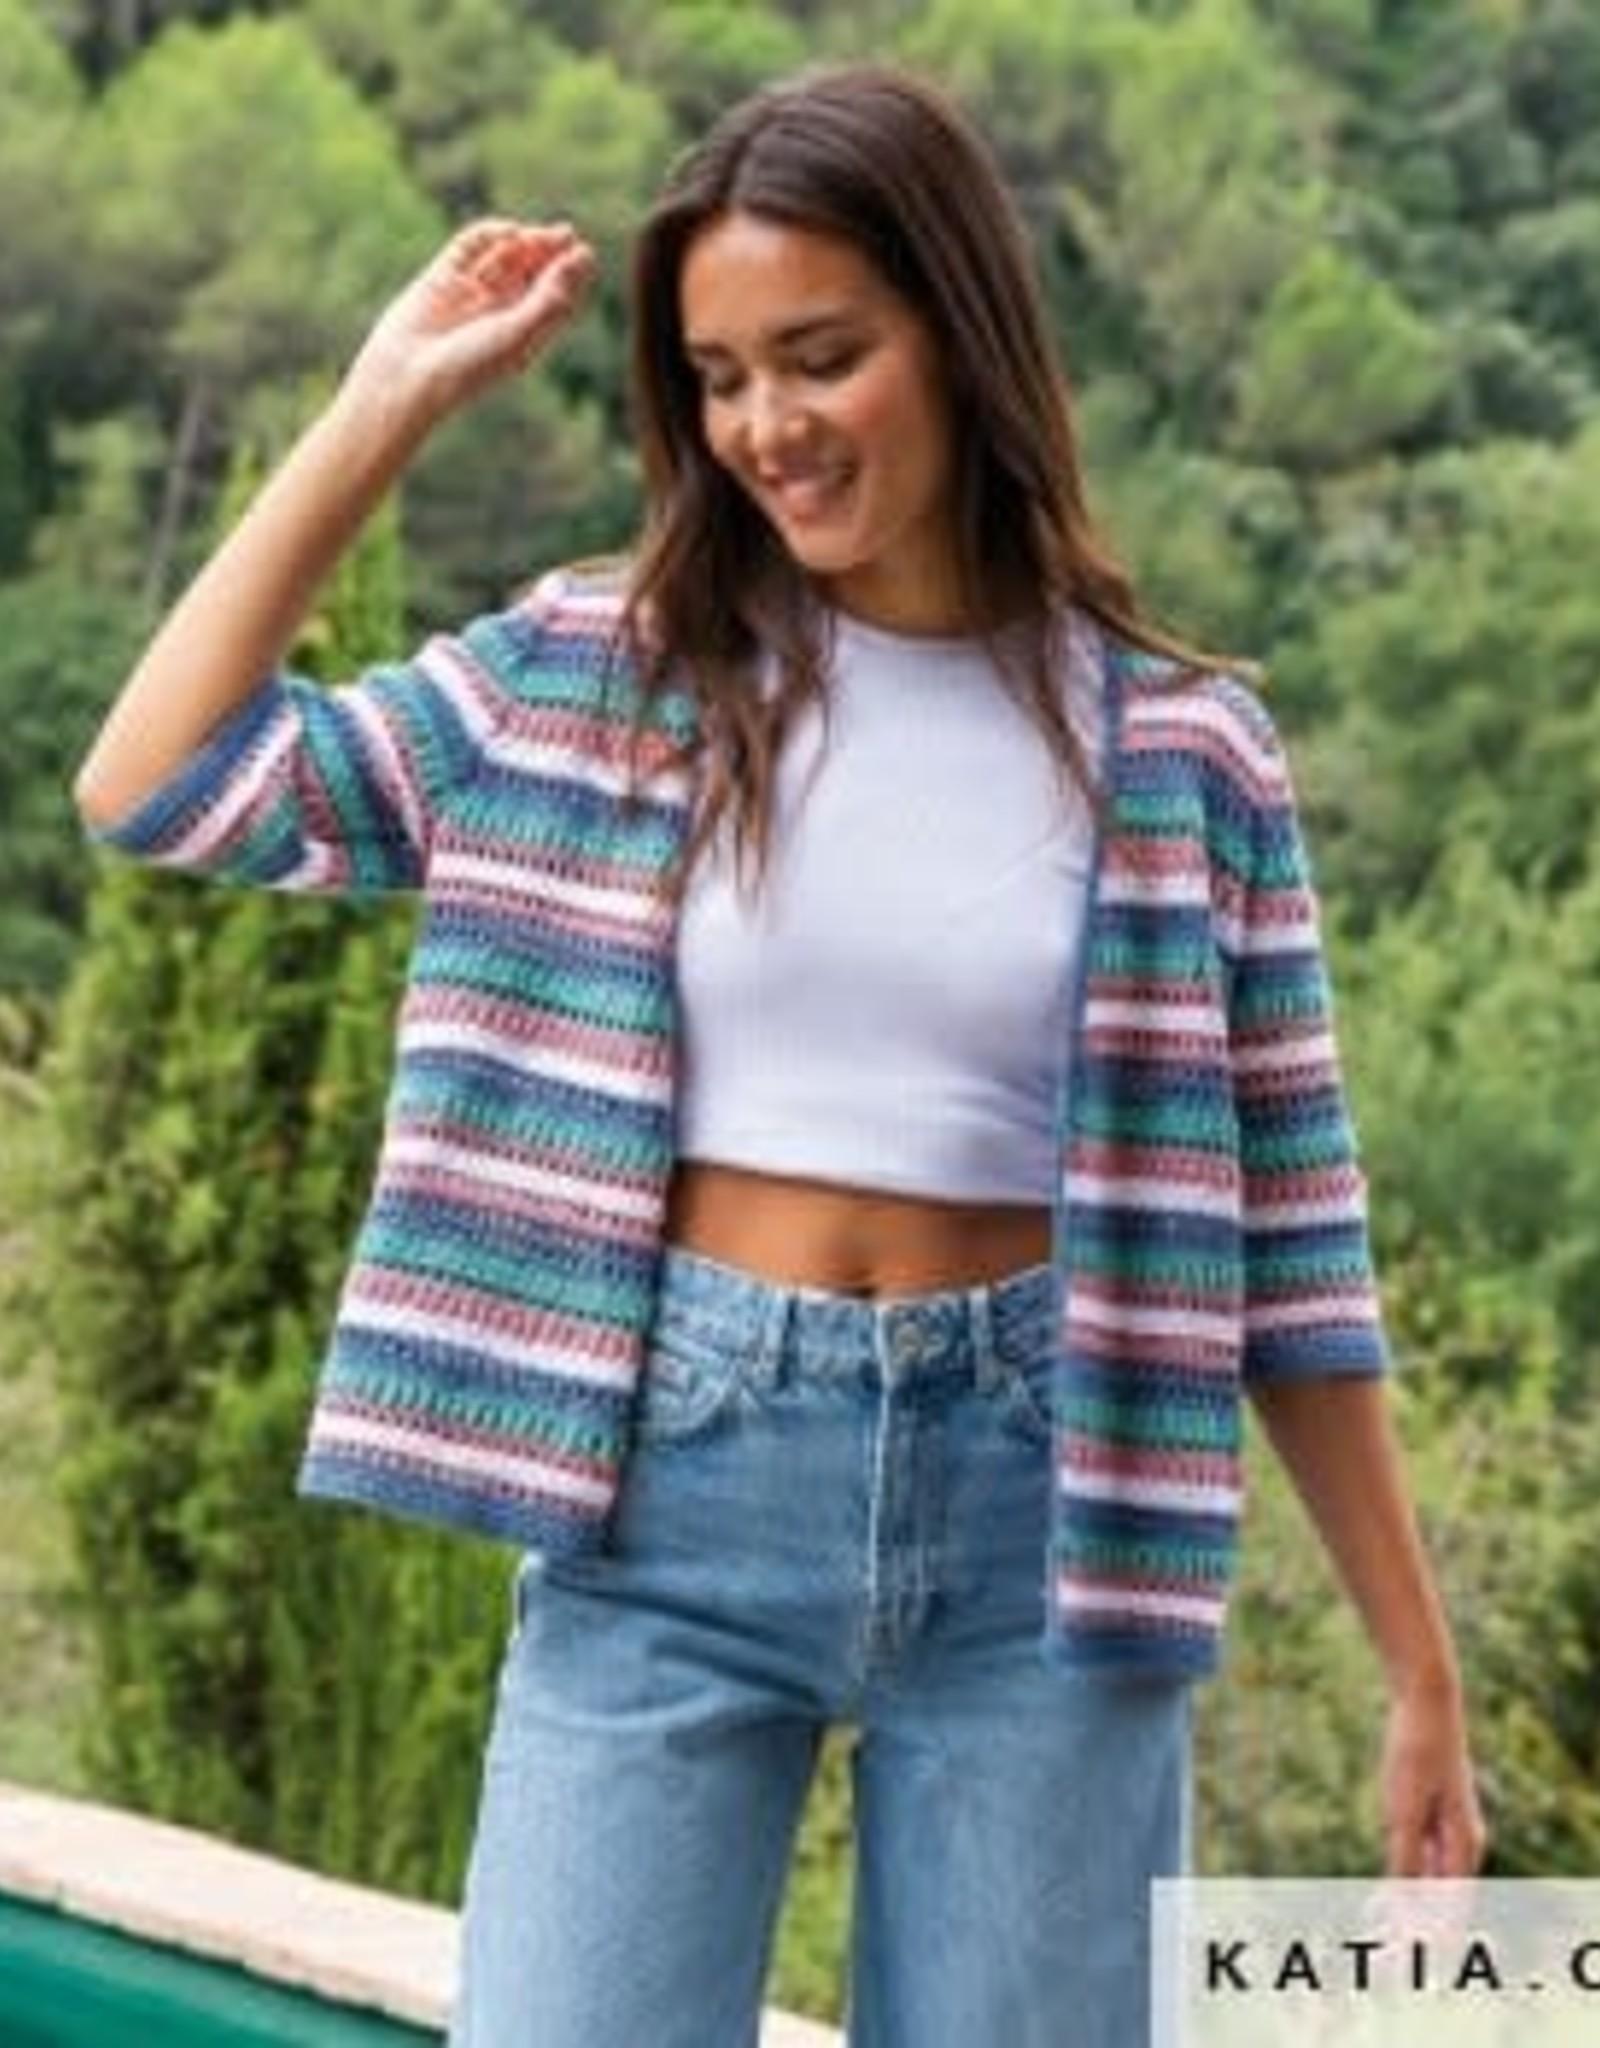 Katia Katia Cotton Cashmere degrade 101 - Beige-Bruin-Roestbruin